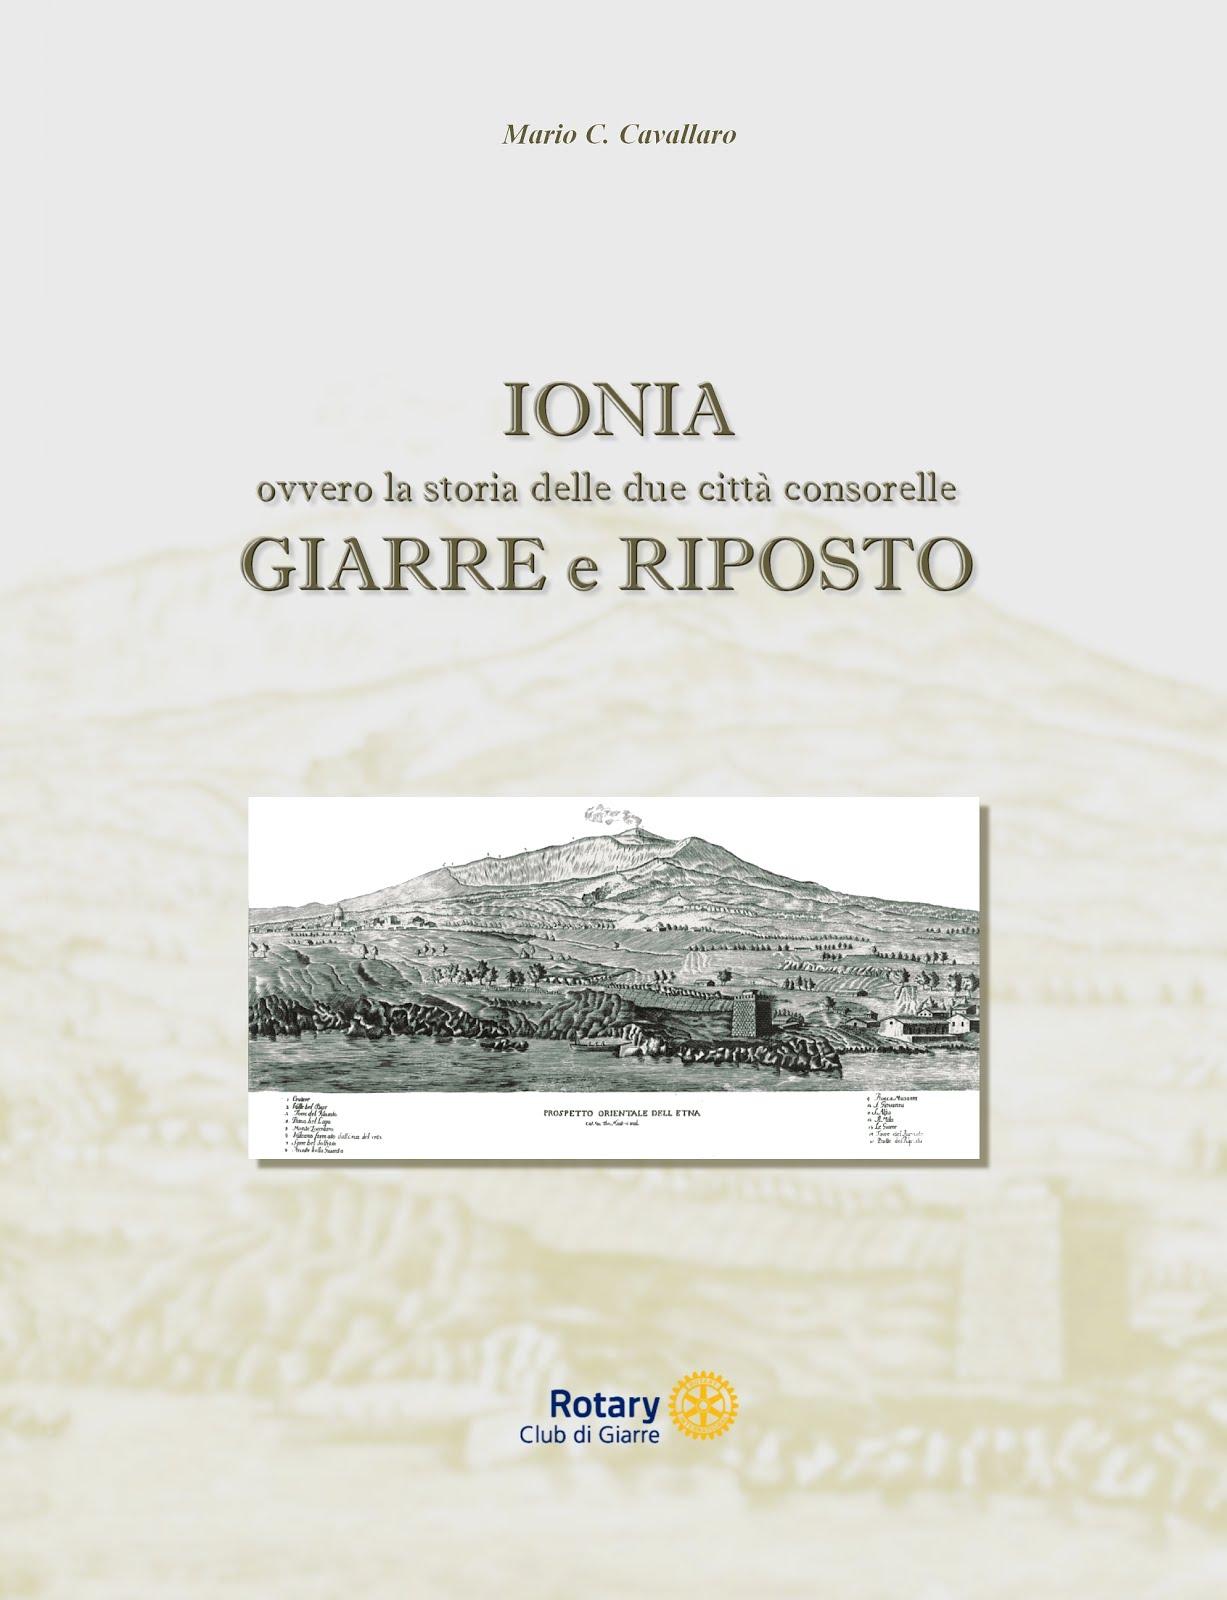 IONIA: ovvero la storia delle due città consorelle - GIARRE e RIPOSTO - di Mario C. Cavallaro